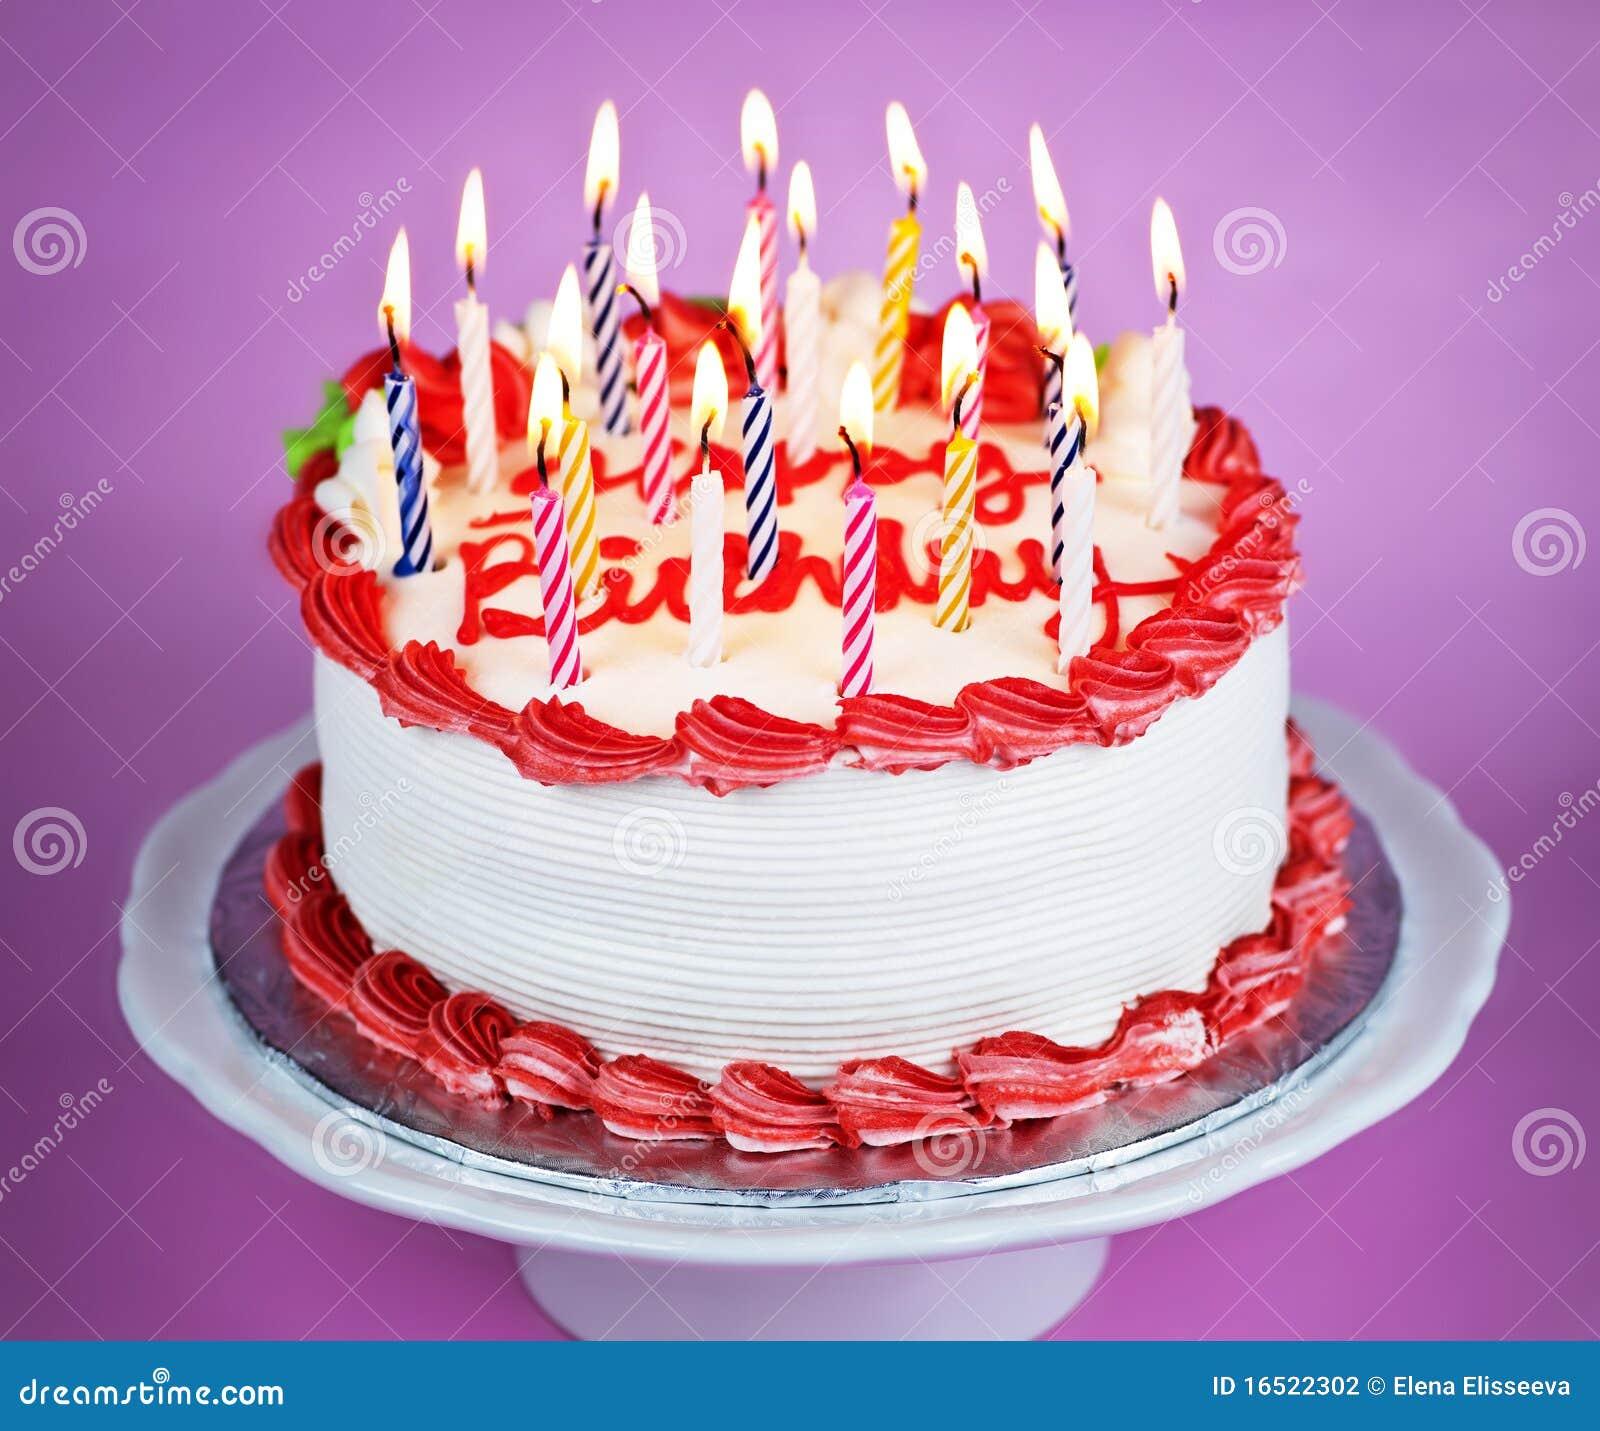 Bolo de aniversário com velas iluminadas